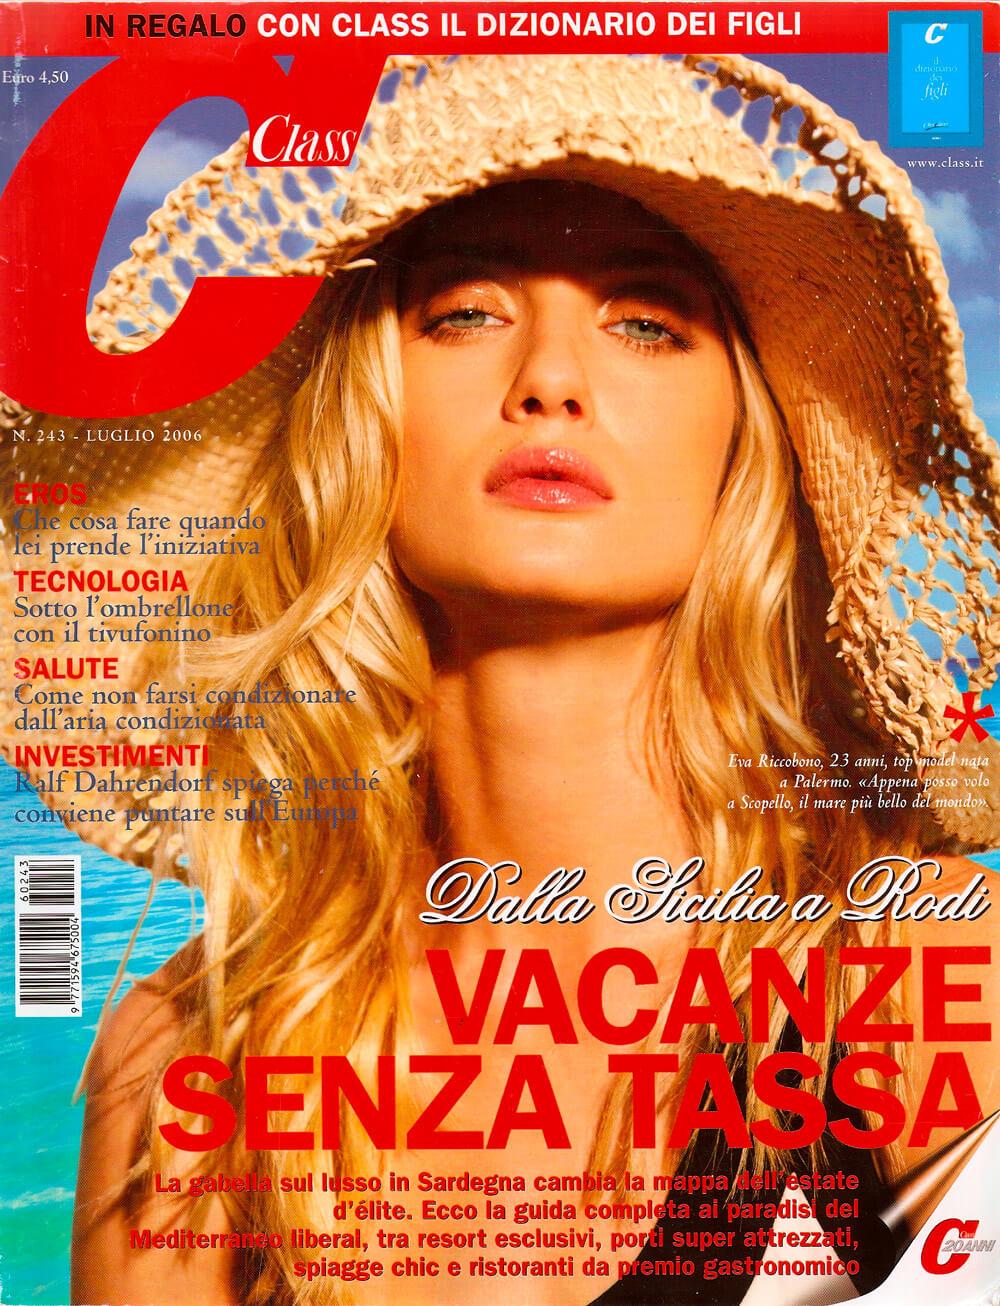 Class cover - Cappello in paglia Grevi